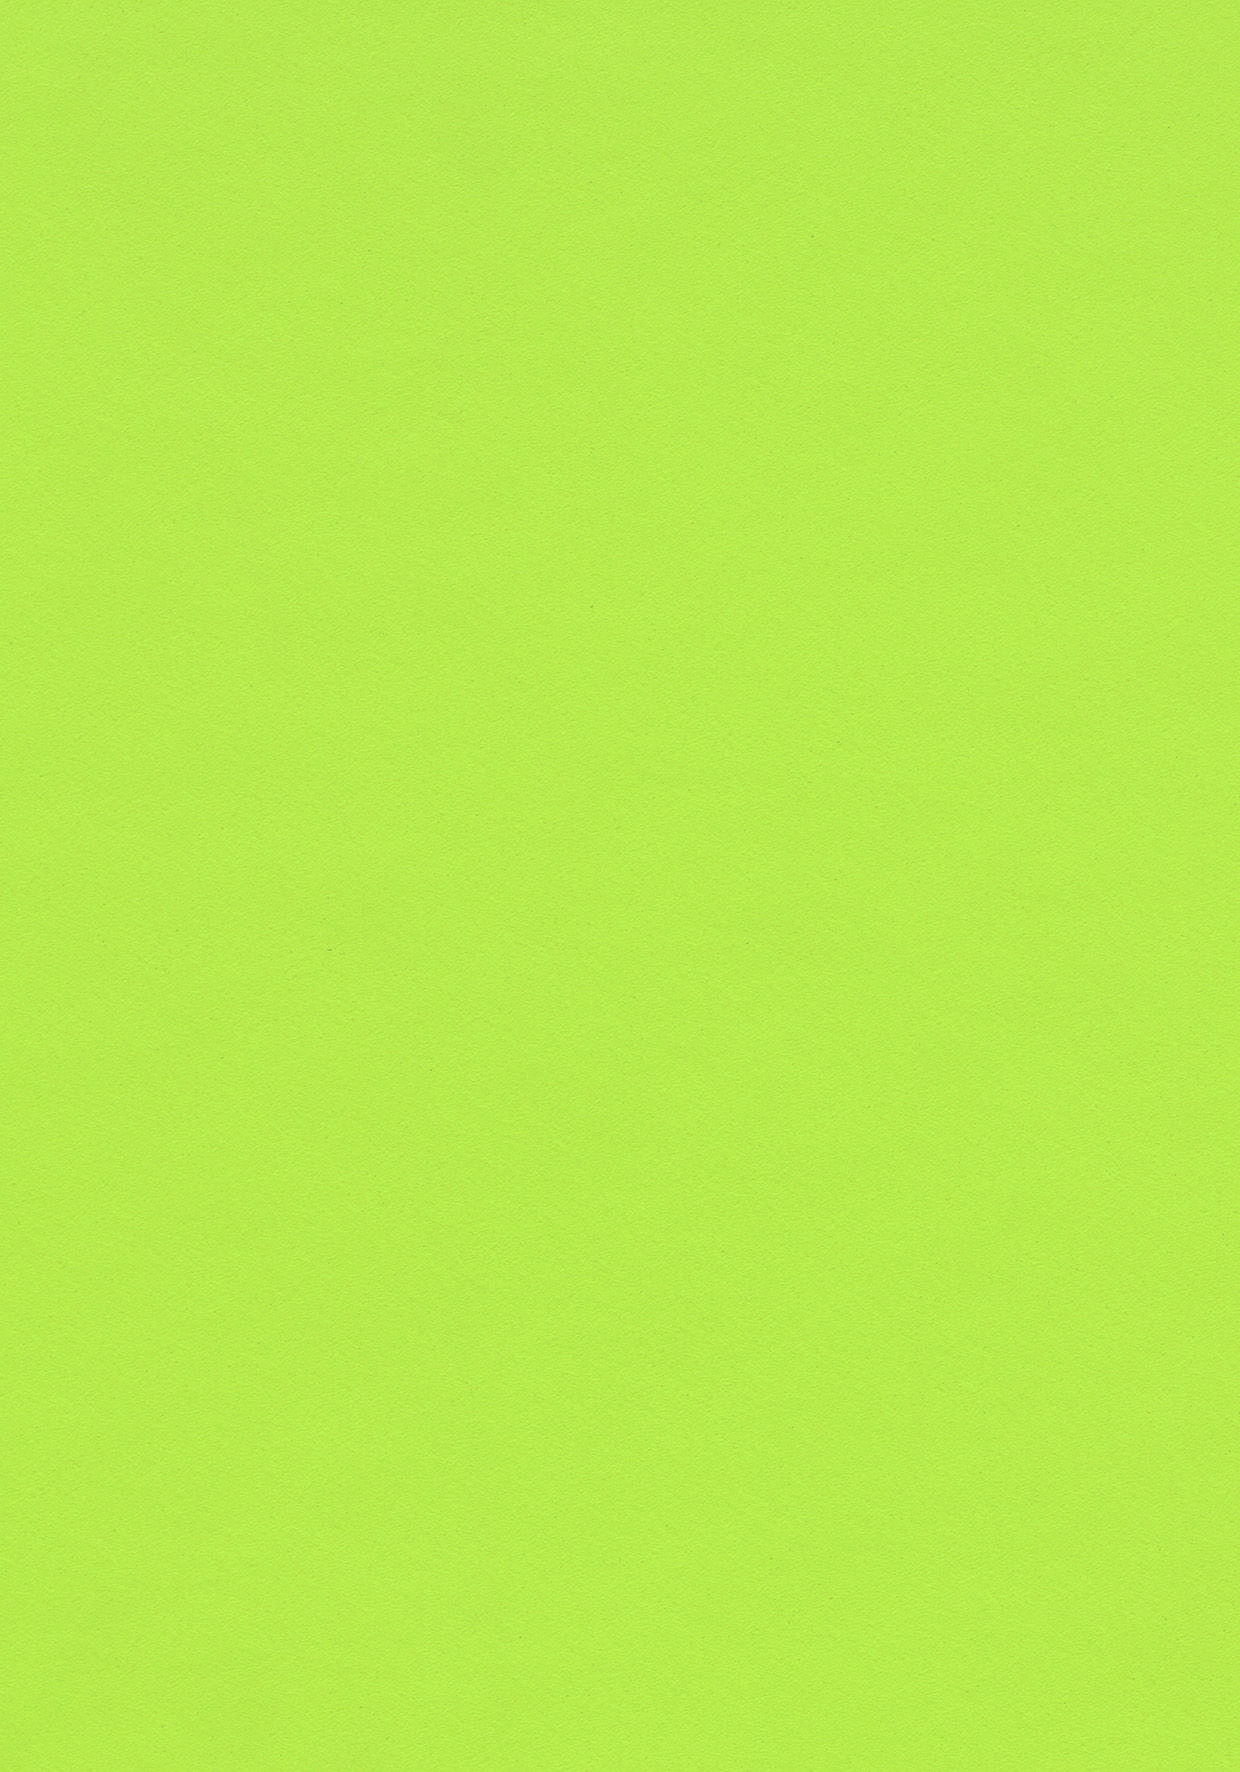 colour spring green 4182 desktop furniture linoleum forbo